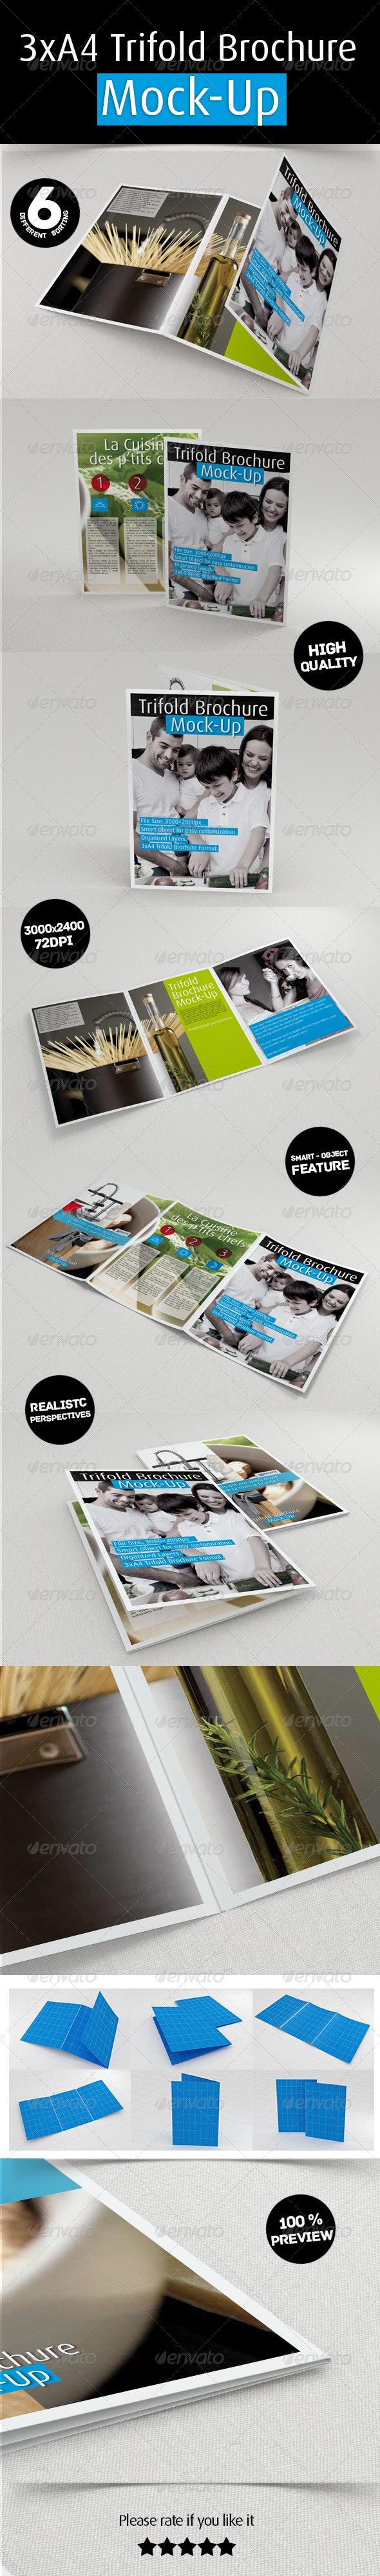 3xA4 Trifold Brochure Mockup - Product Mock-Ups Graphics